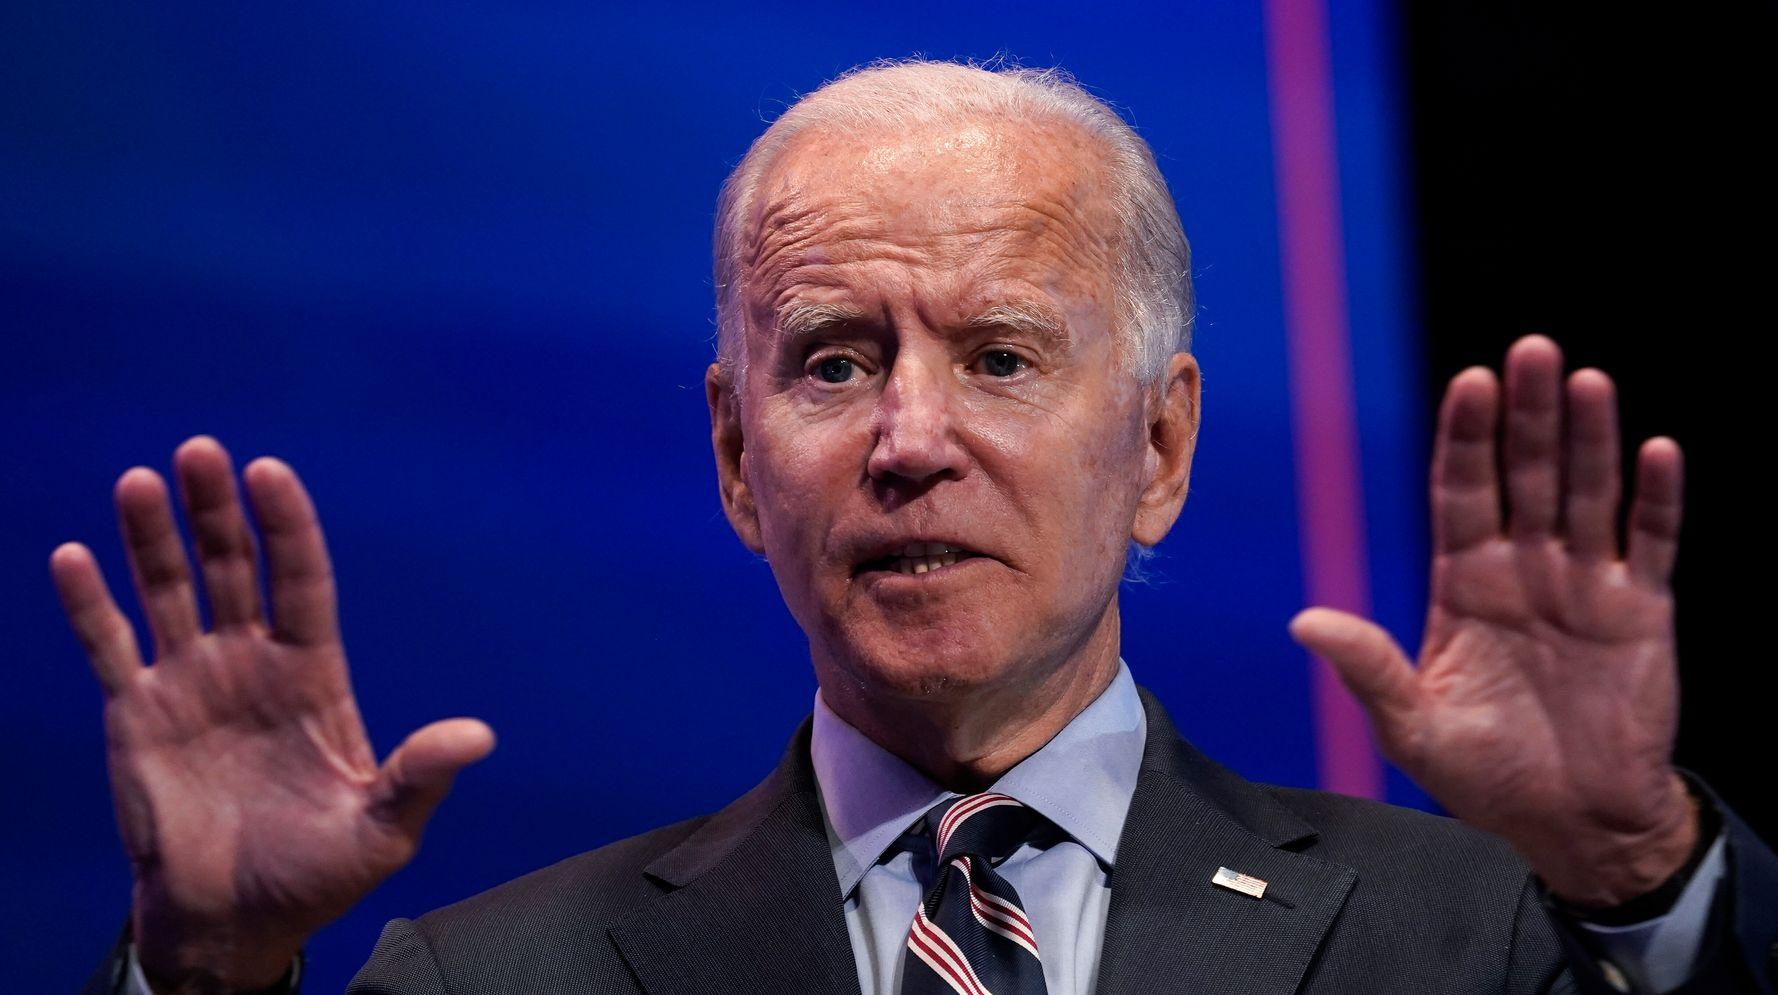 Westlake Legal Group 5f627f4f280000df129d2d3d Biden Explains Why He Can't Implement A Mask Mandate, Despite Trump's Complaint